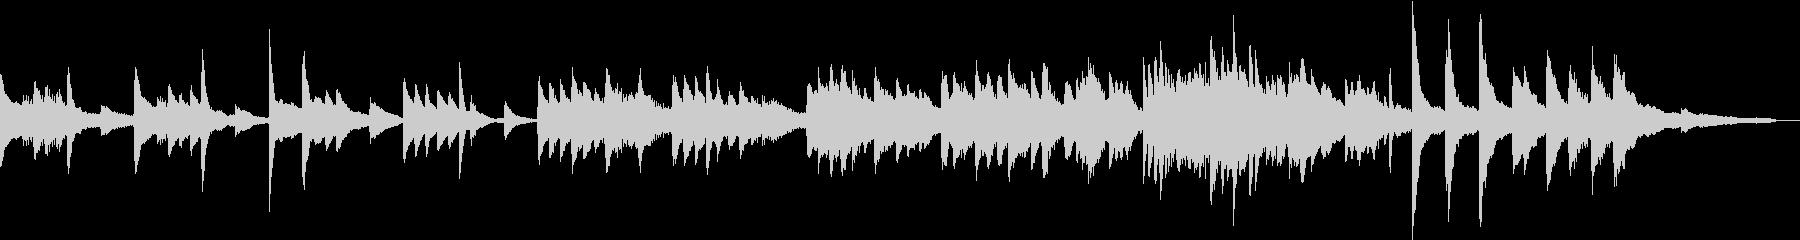 朝のラウンジに流れるようなBGMの未再生の波形